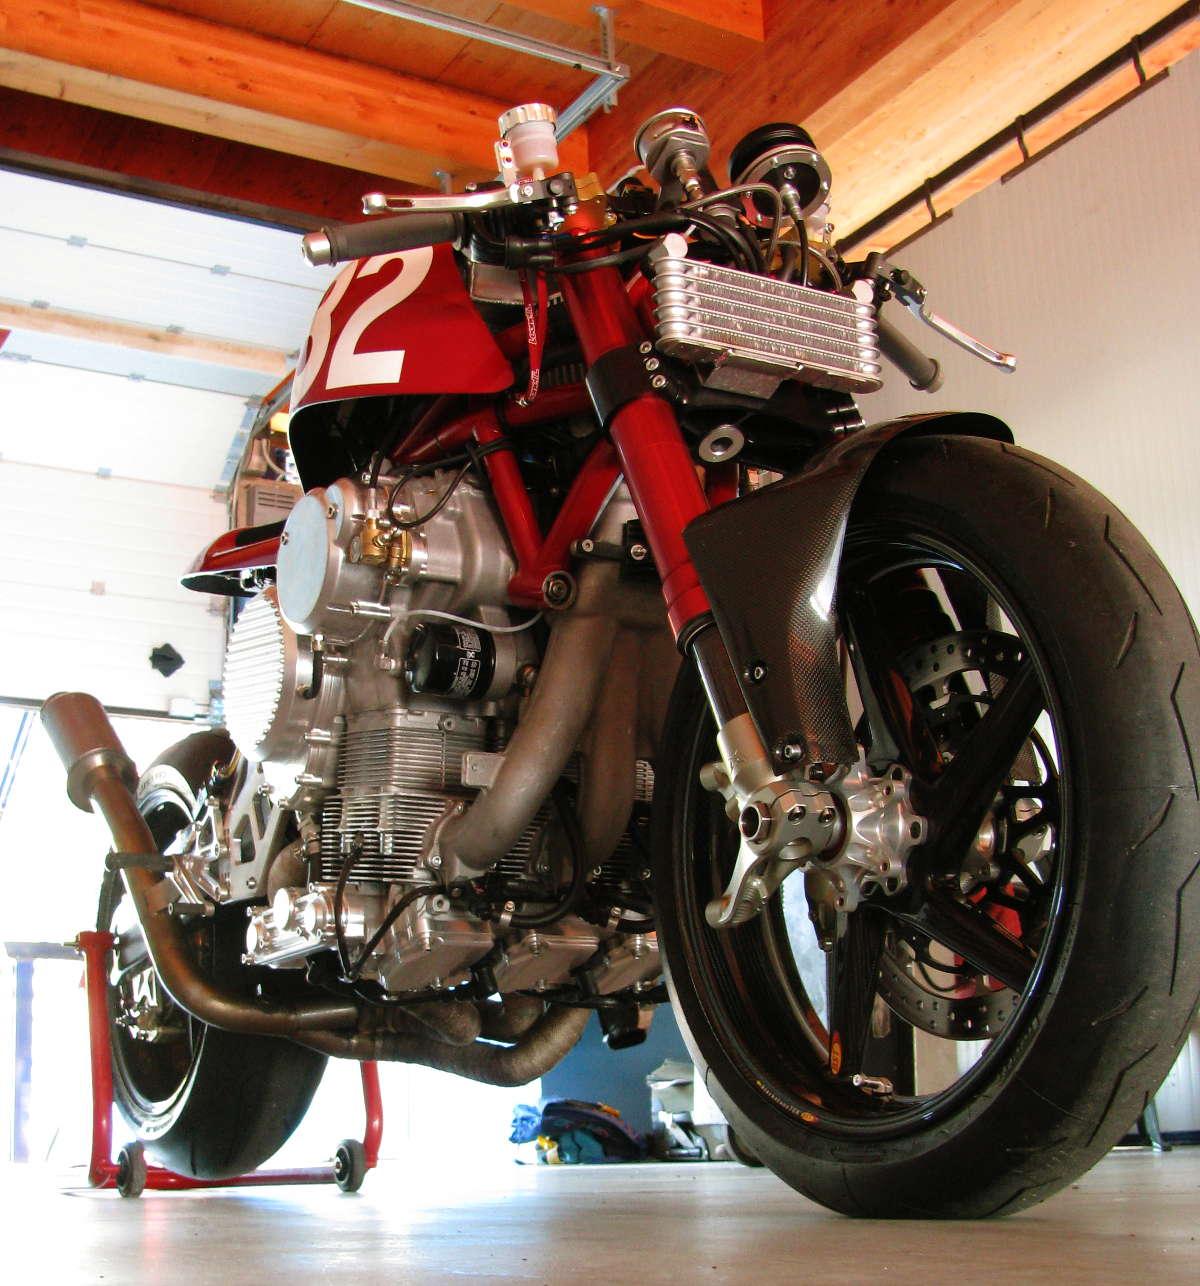 Numbo 32 : Peut être le plus gros racer ?  Nembo32-ottonero-blogspot_5647+%252816%2529